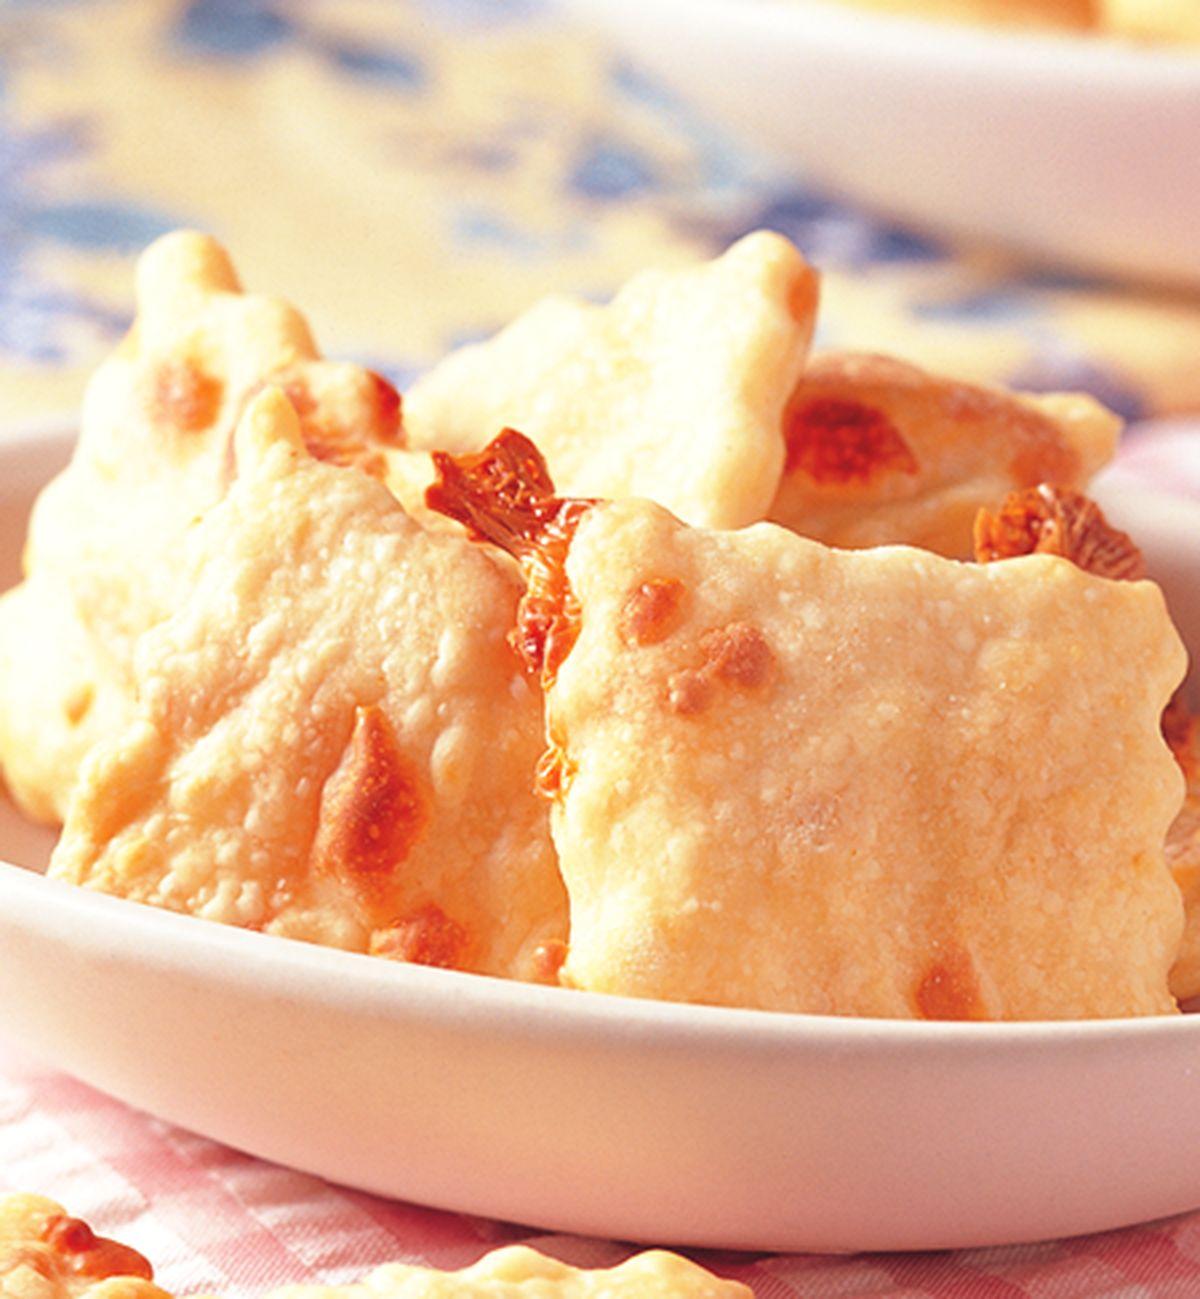 食譜:起司方塊餅